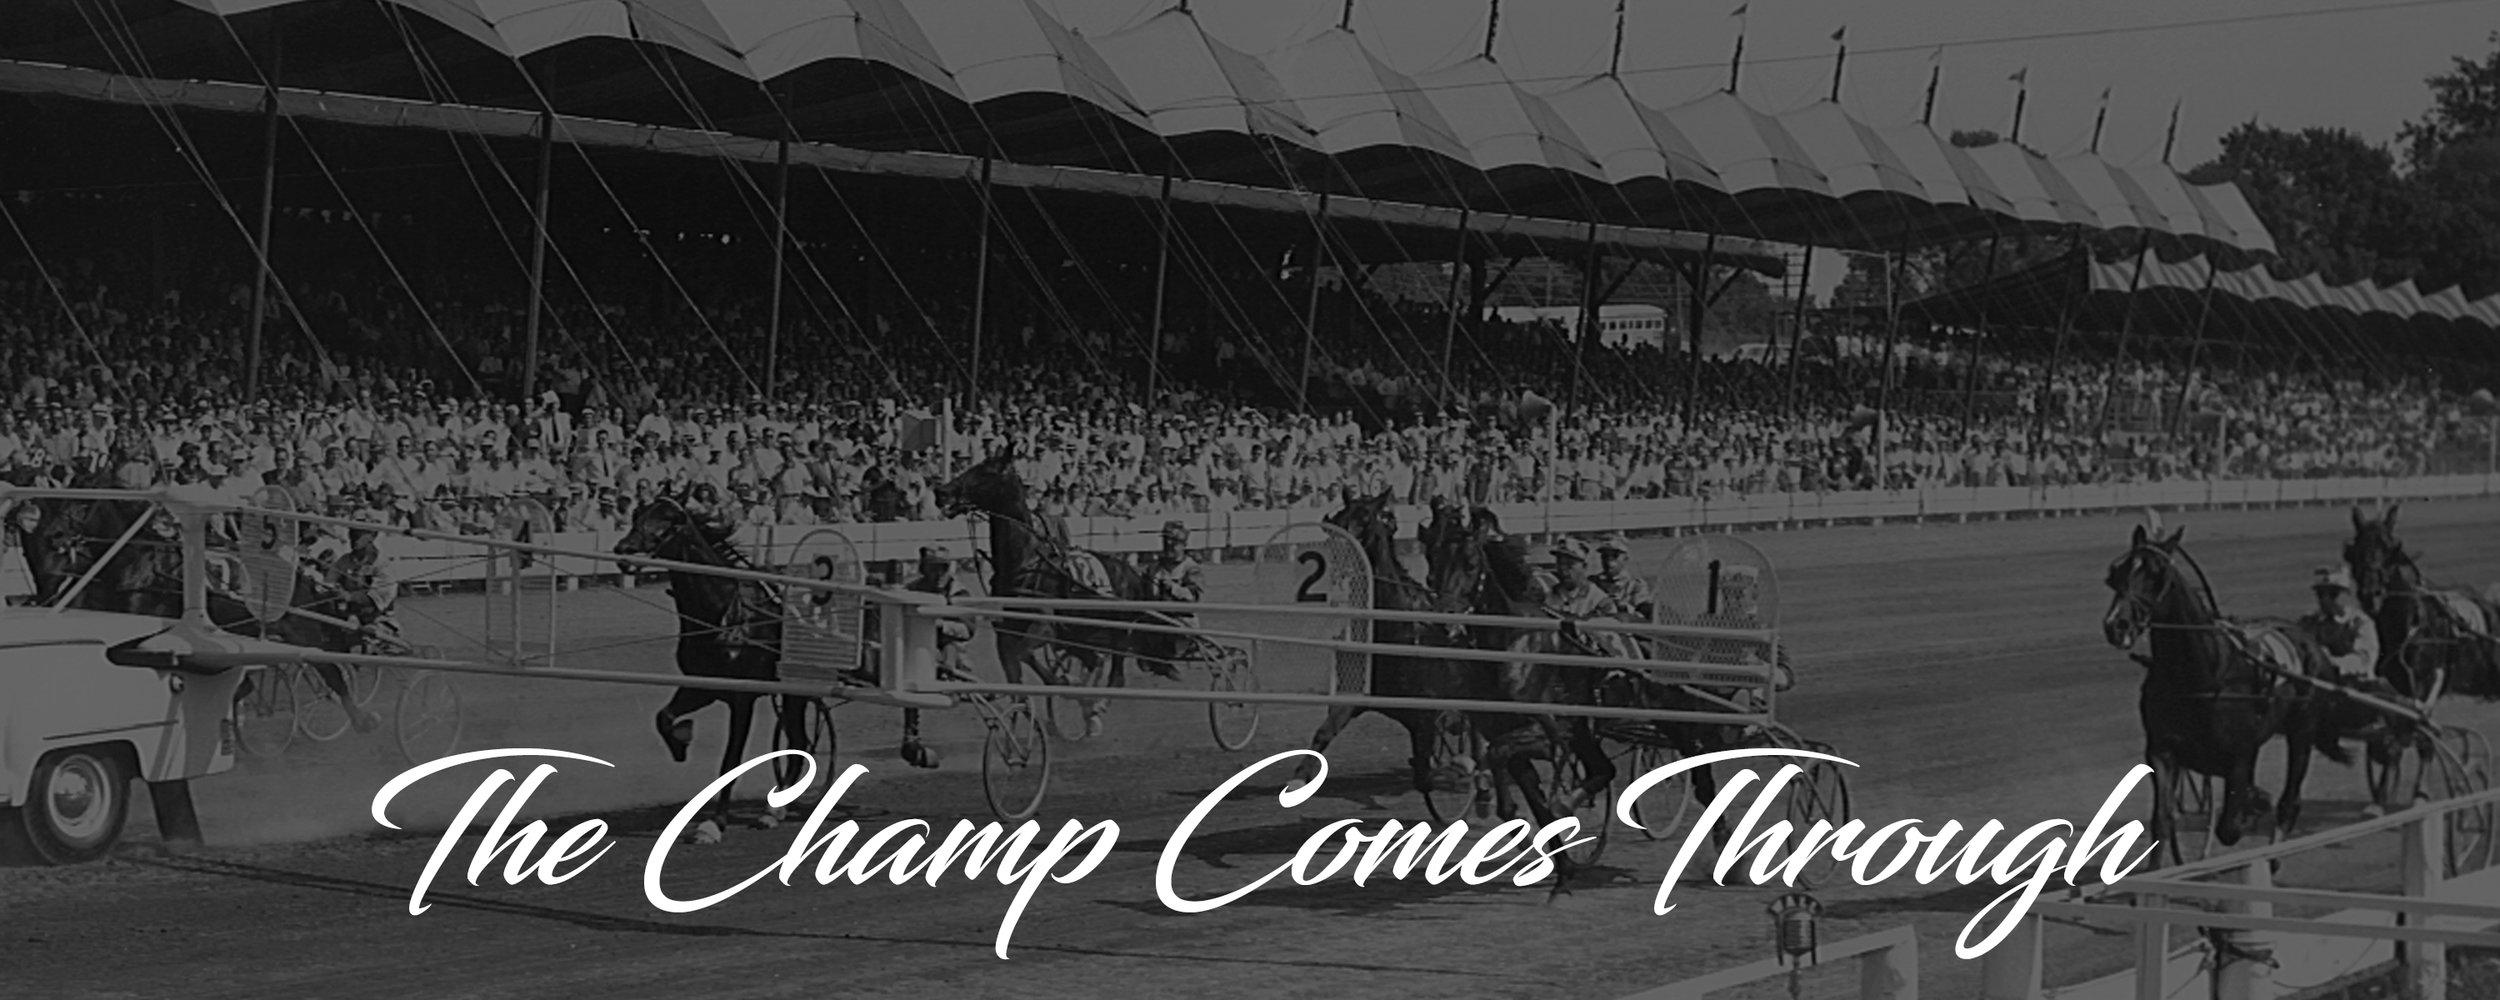 history banner 1955.jpg